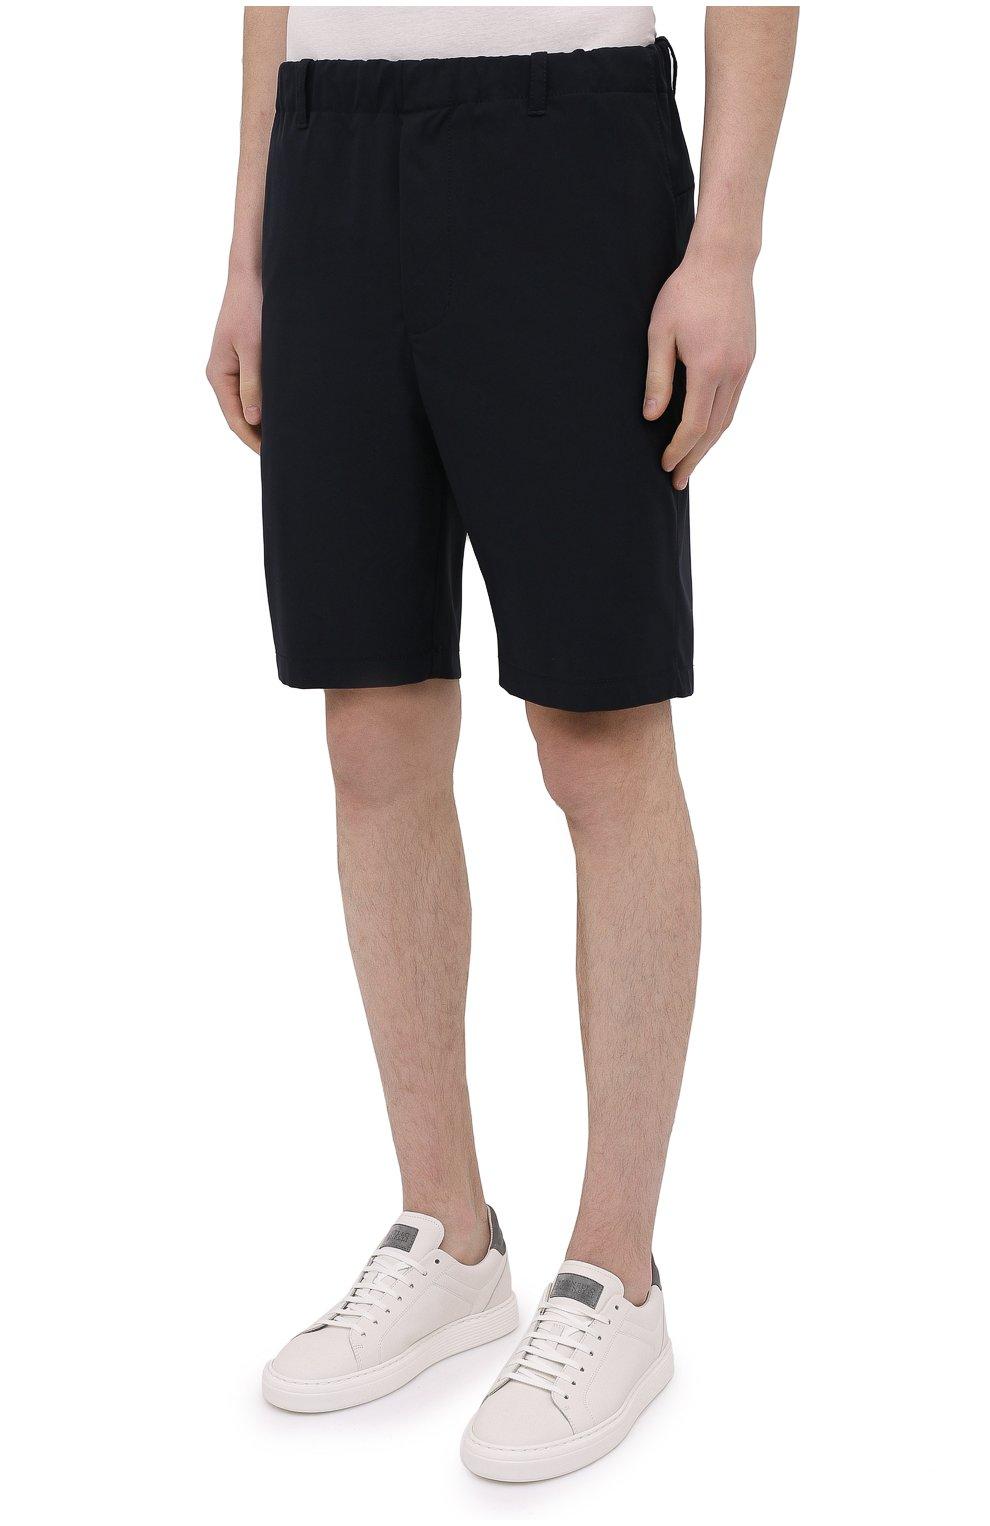 Мужские шорты ASPESI темно-синего цвета, арт. S1 A CQ32 G457 | Фото 3 (Мужское Кросс-КТ: Шорты-одежда; Длина Шорты М: До колена; Принт: Без принта; Материал внешний: Синтетический материал; Стили: Кэжуэл)